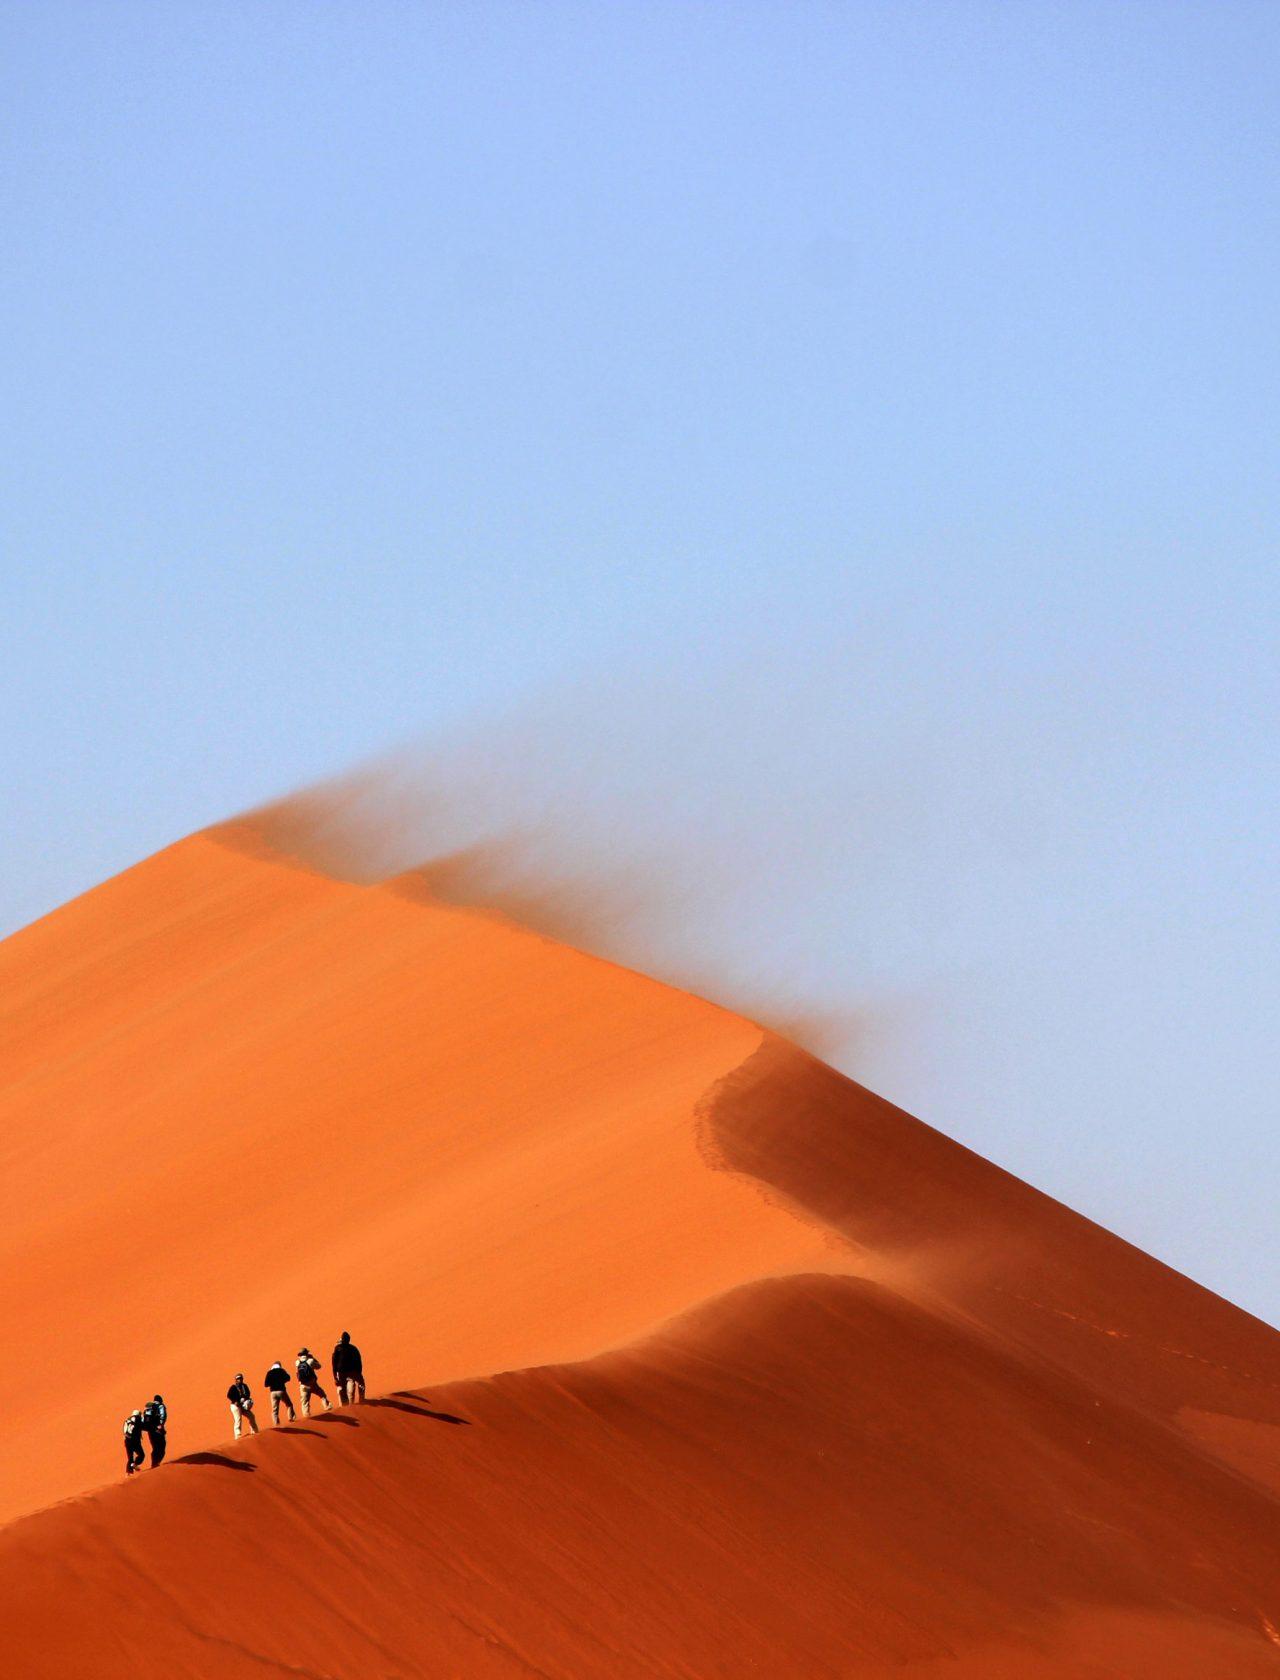 Orange Düne, auf der Menschengruppe läuft, vor blauem Himmel